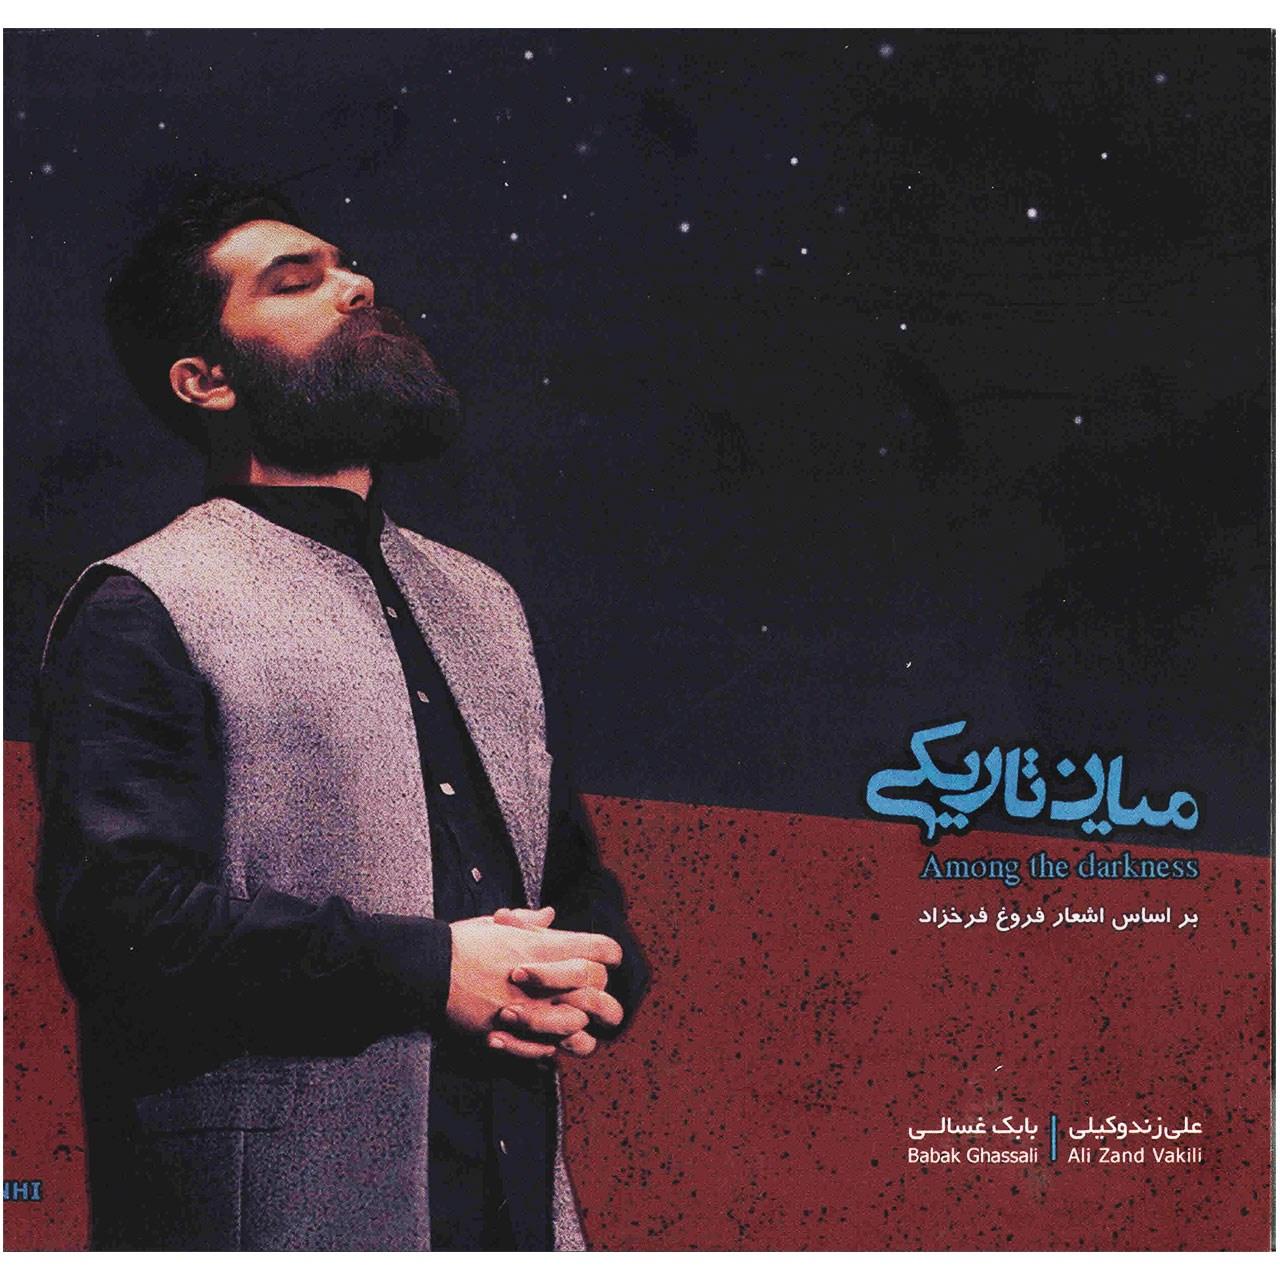 آلبوم موسیقی میان تاریکی اثر علی زند وکیل